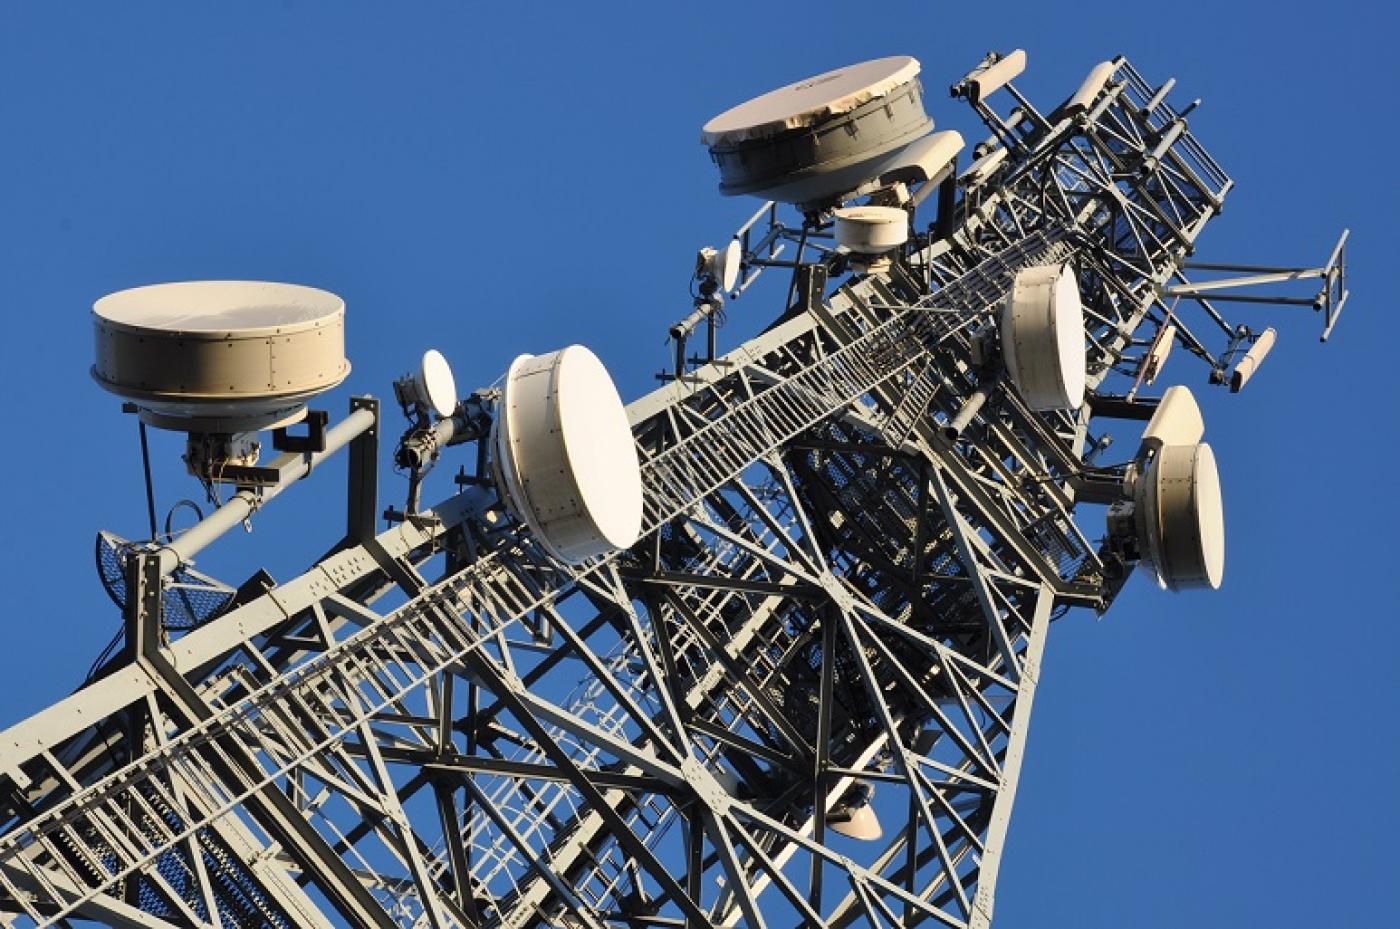 Les telecomunicacions i Internet encapçalen les reclamacions de l'Alt Pirineu i Aran